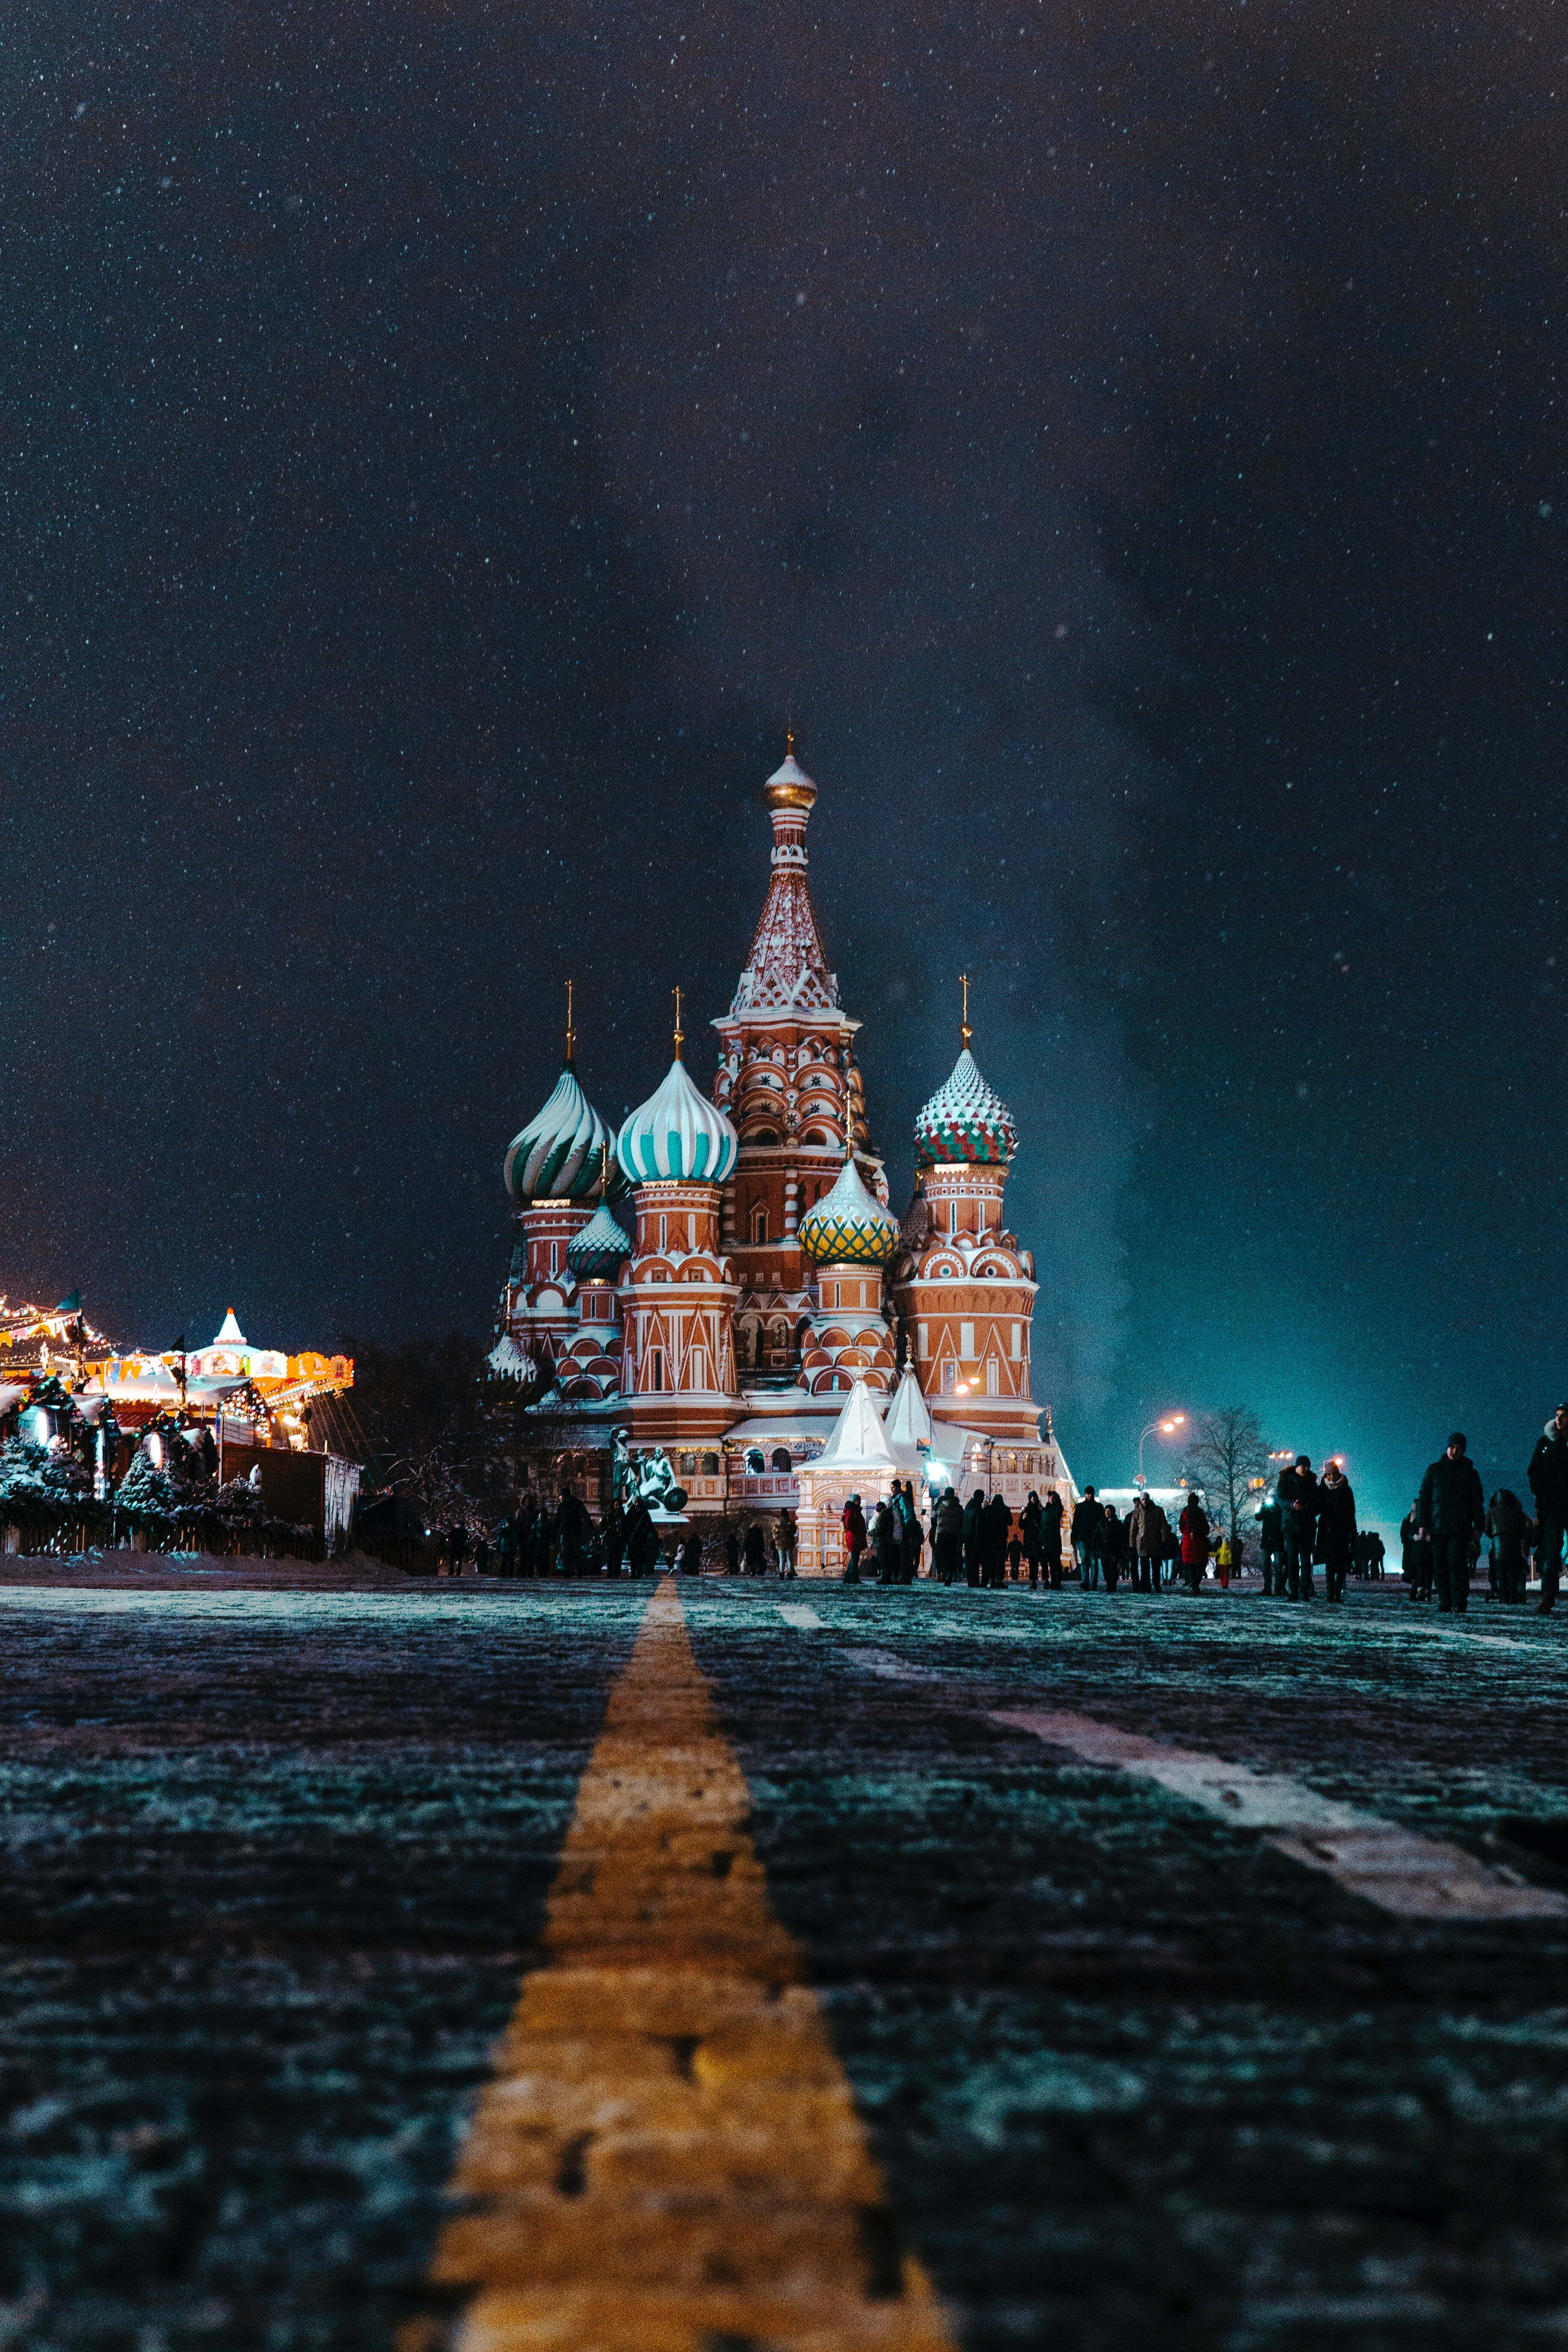 รูปภาพ : เที่ยวรัสเซีย มอสโคว์ เซนต์ปีเตอร์สเบิร์ก